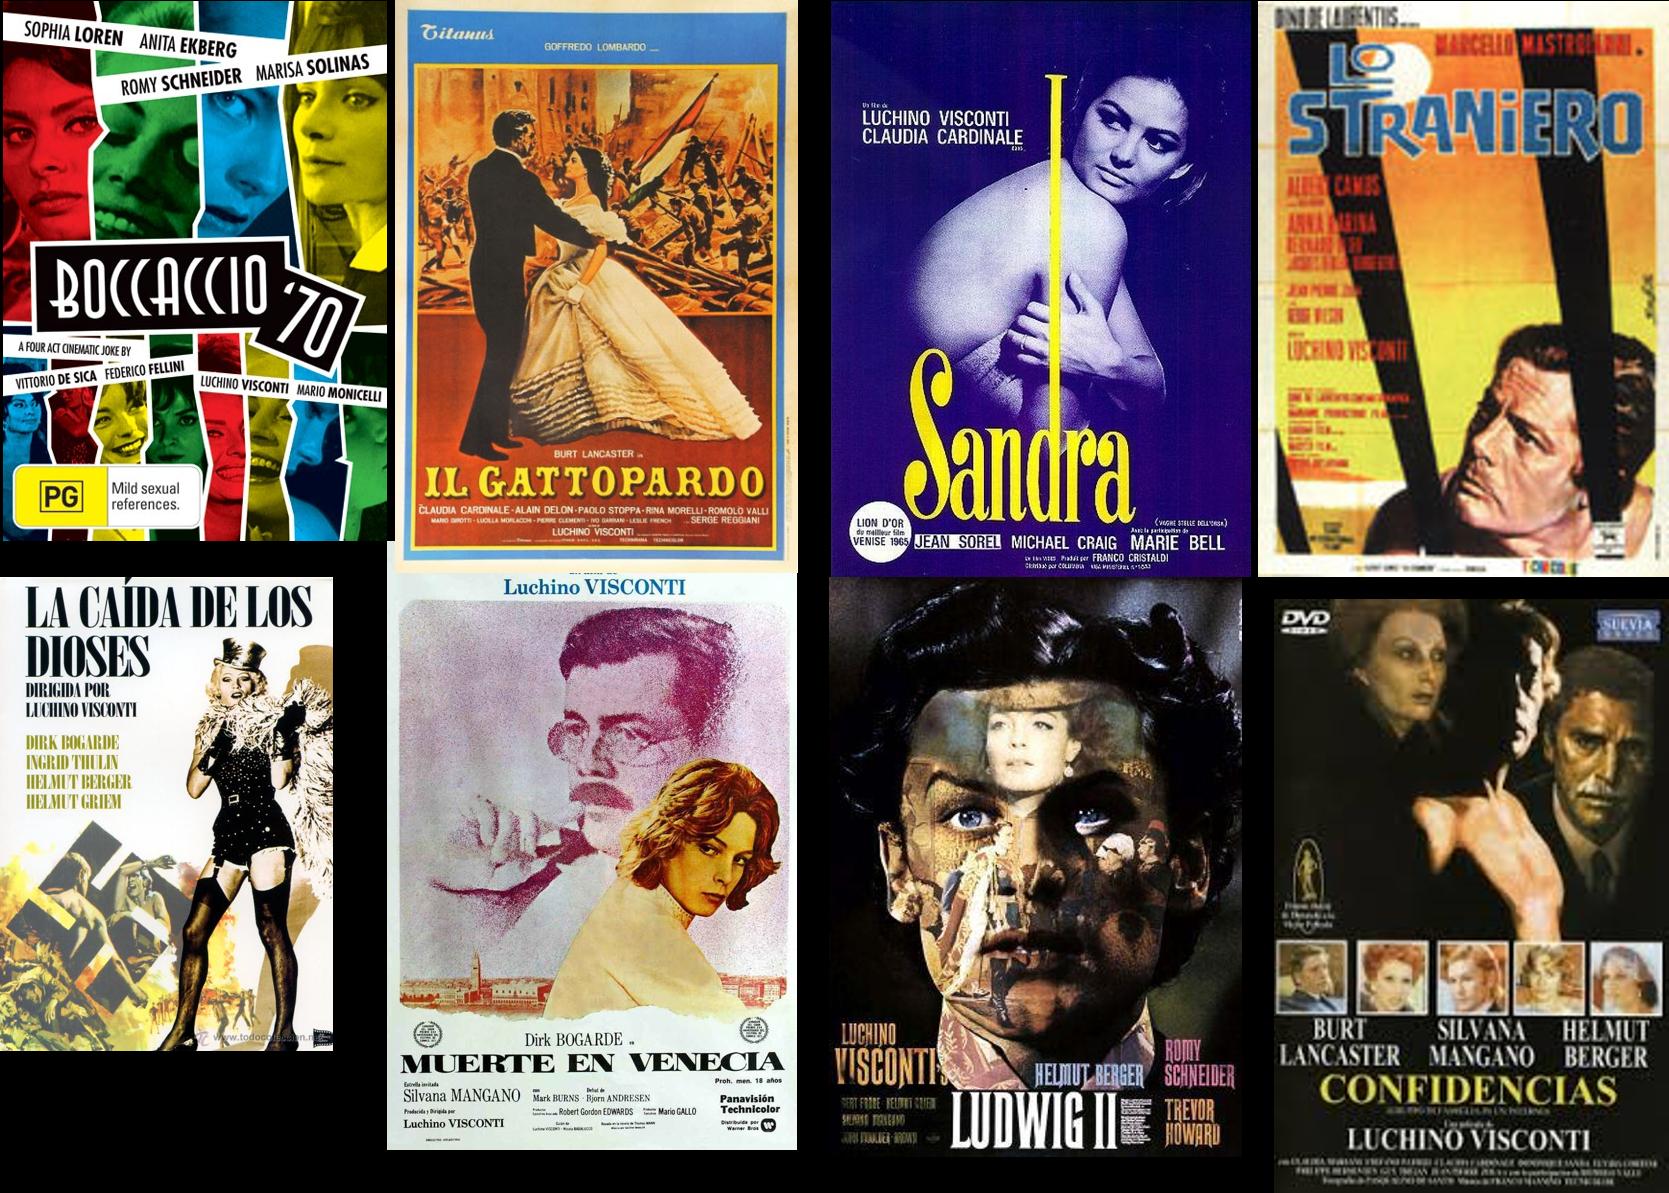 Luchino Visconti afiche 2